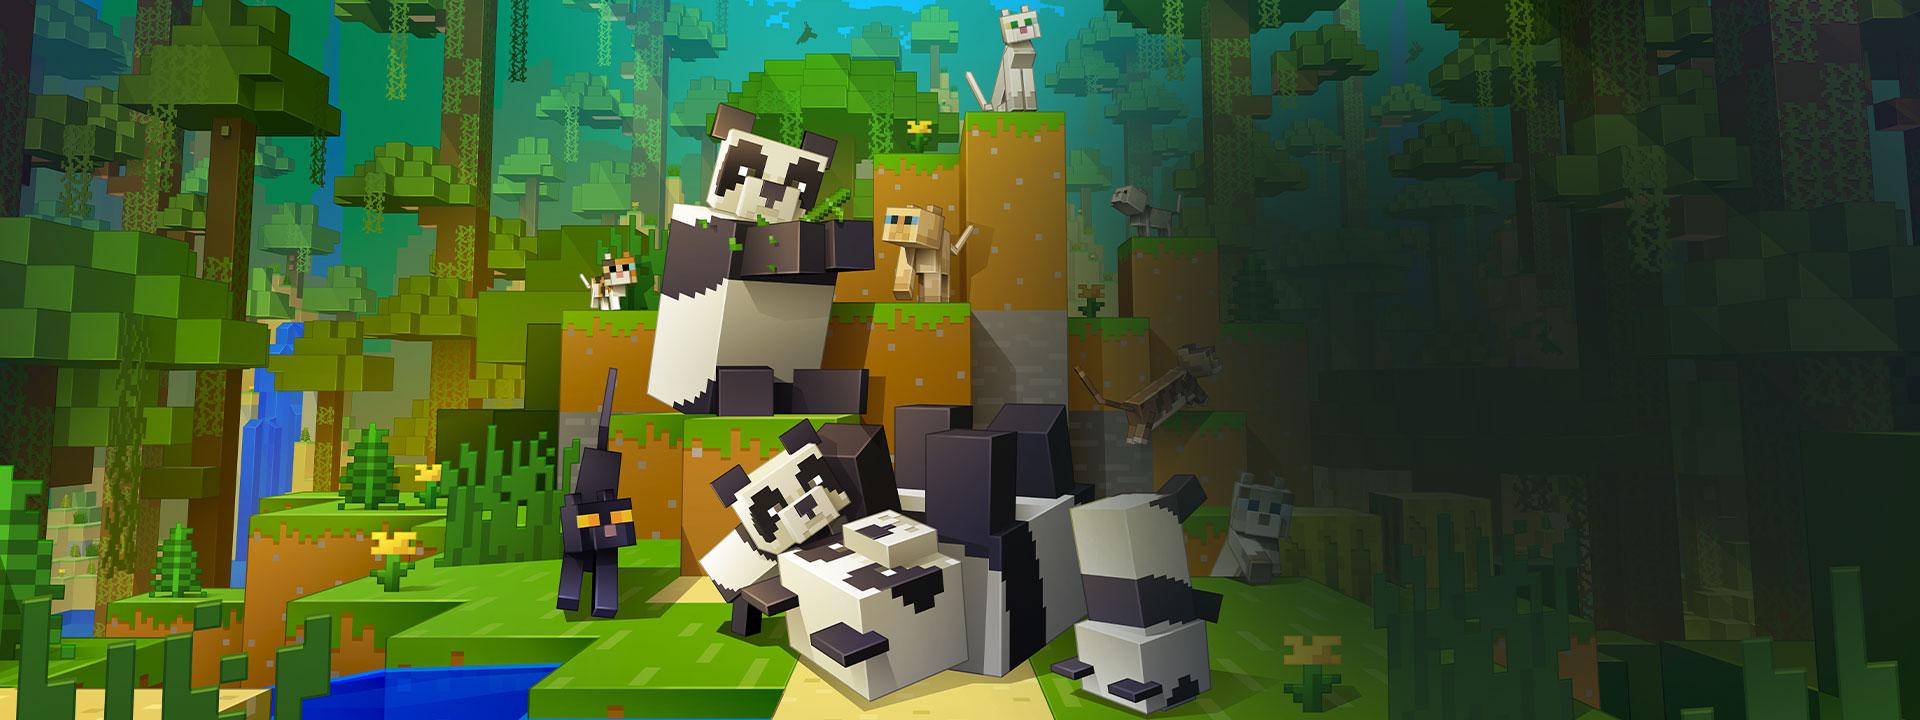 Image de chats et de pandas Minecraft jouant ensemble